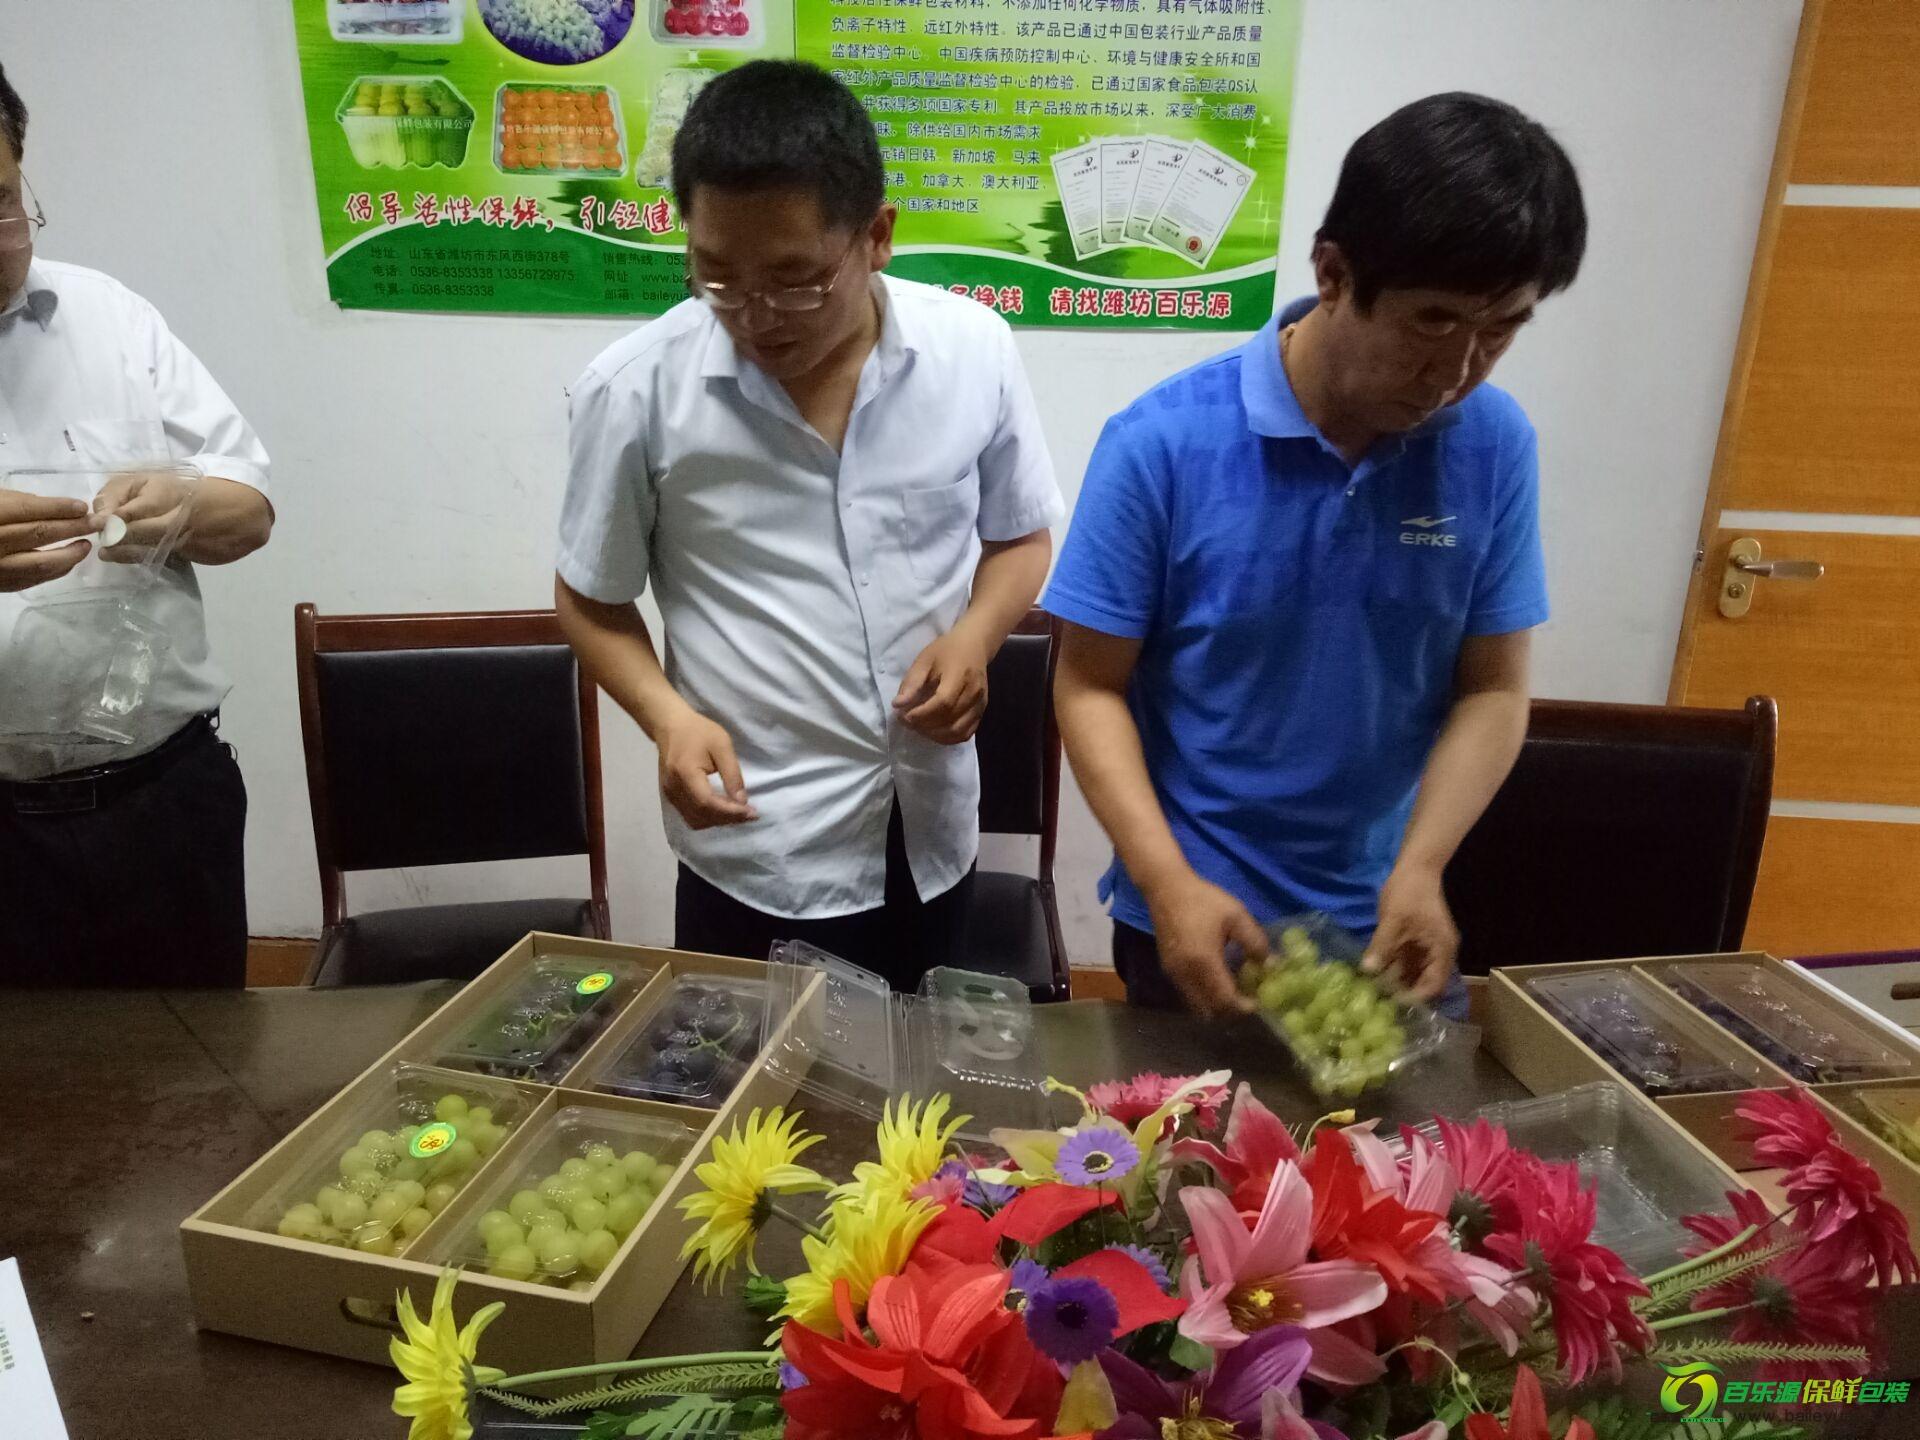 6月7日临沂仲总深入了解百乐源保鲜技术并达成合作!